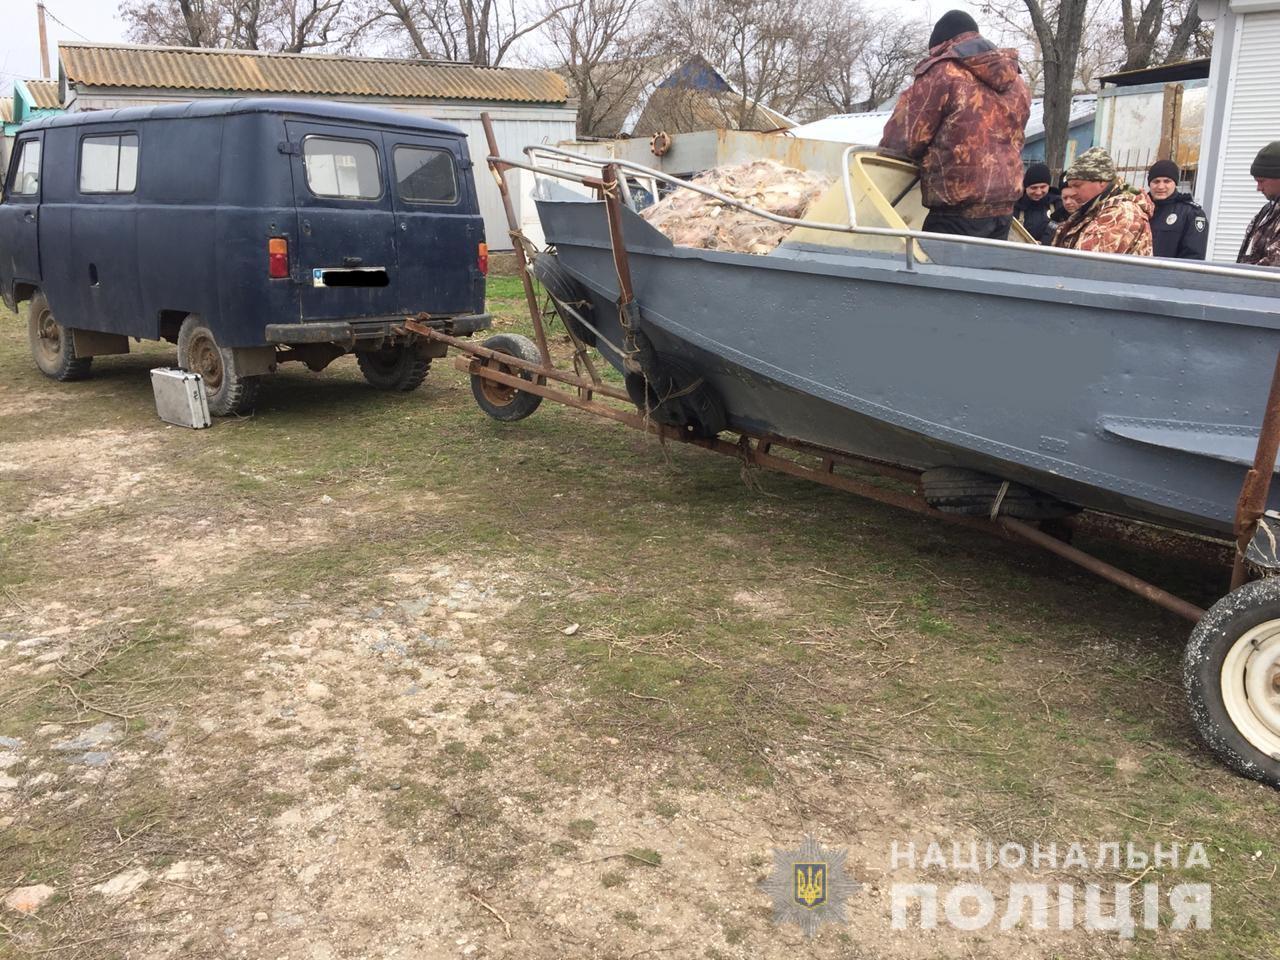 В Запорожской области задержали браконьеров с уловом на 127 тысяч гривен - ФОТО